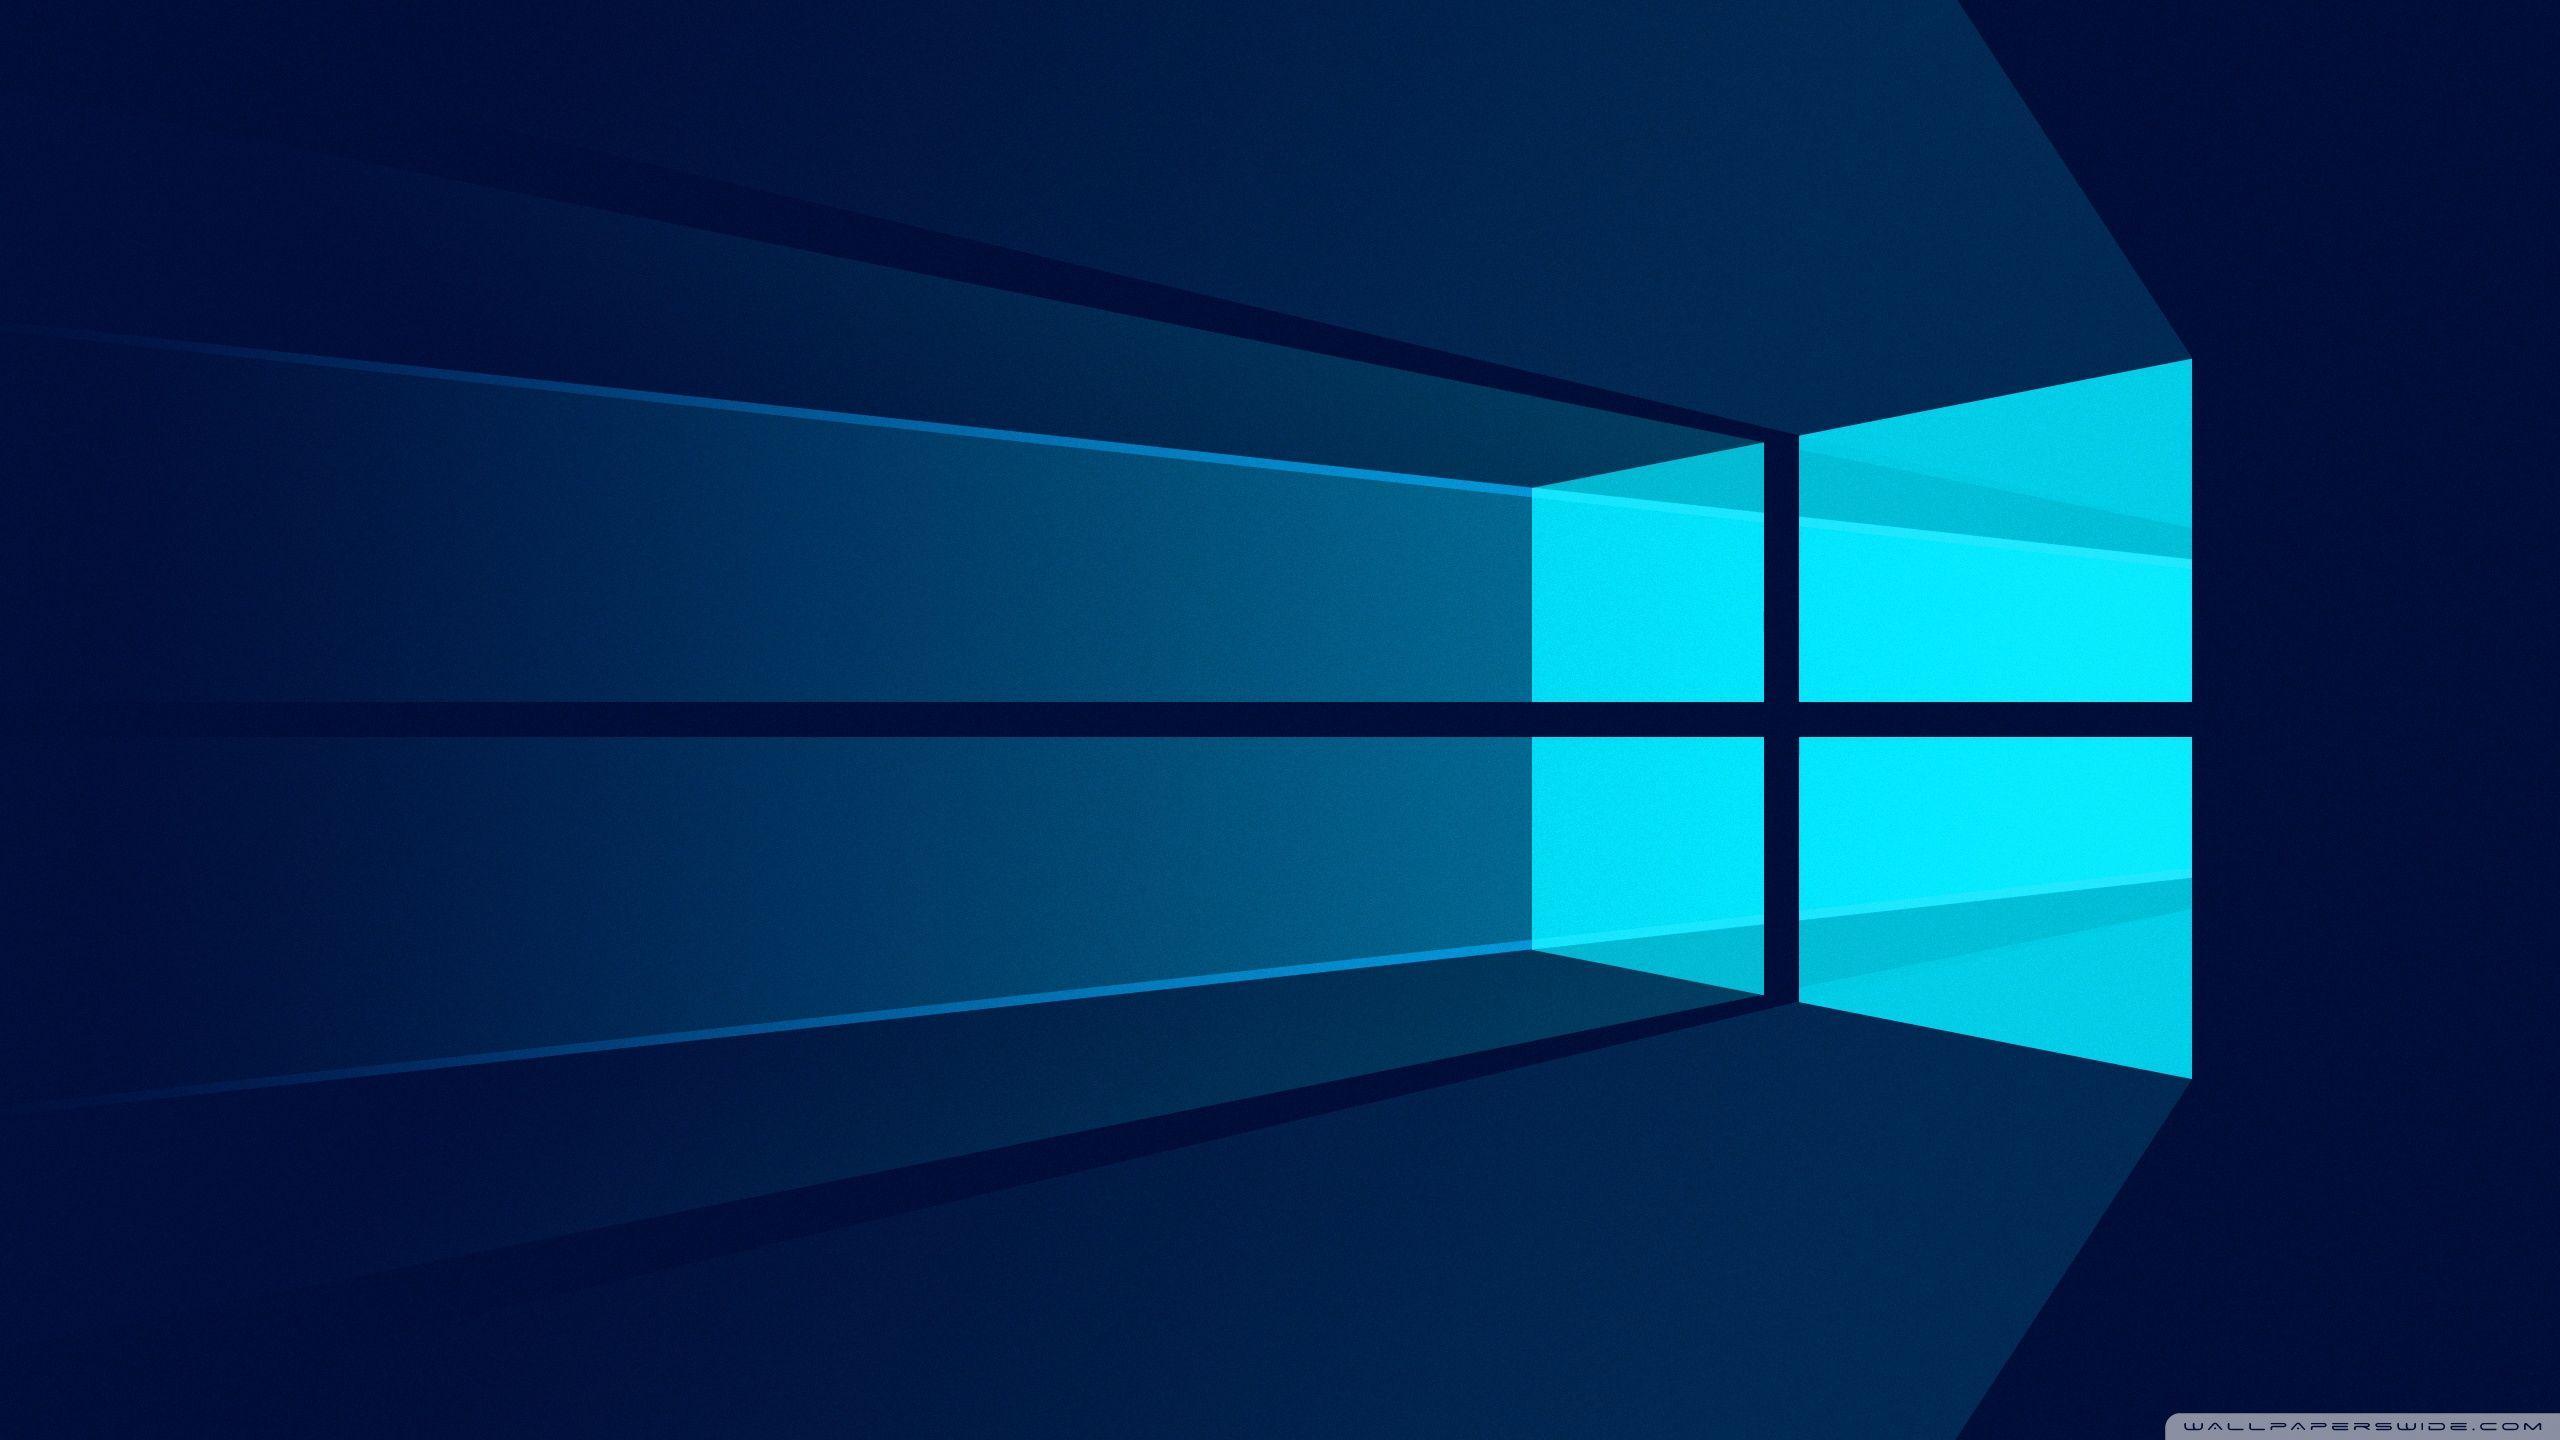 Material Desktop Wallpapers Top Free Material Desktop